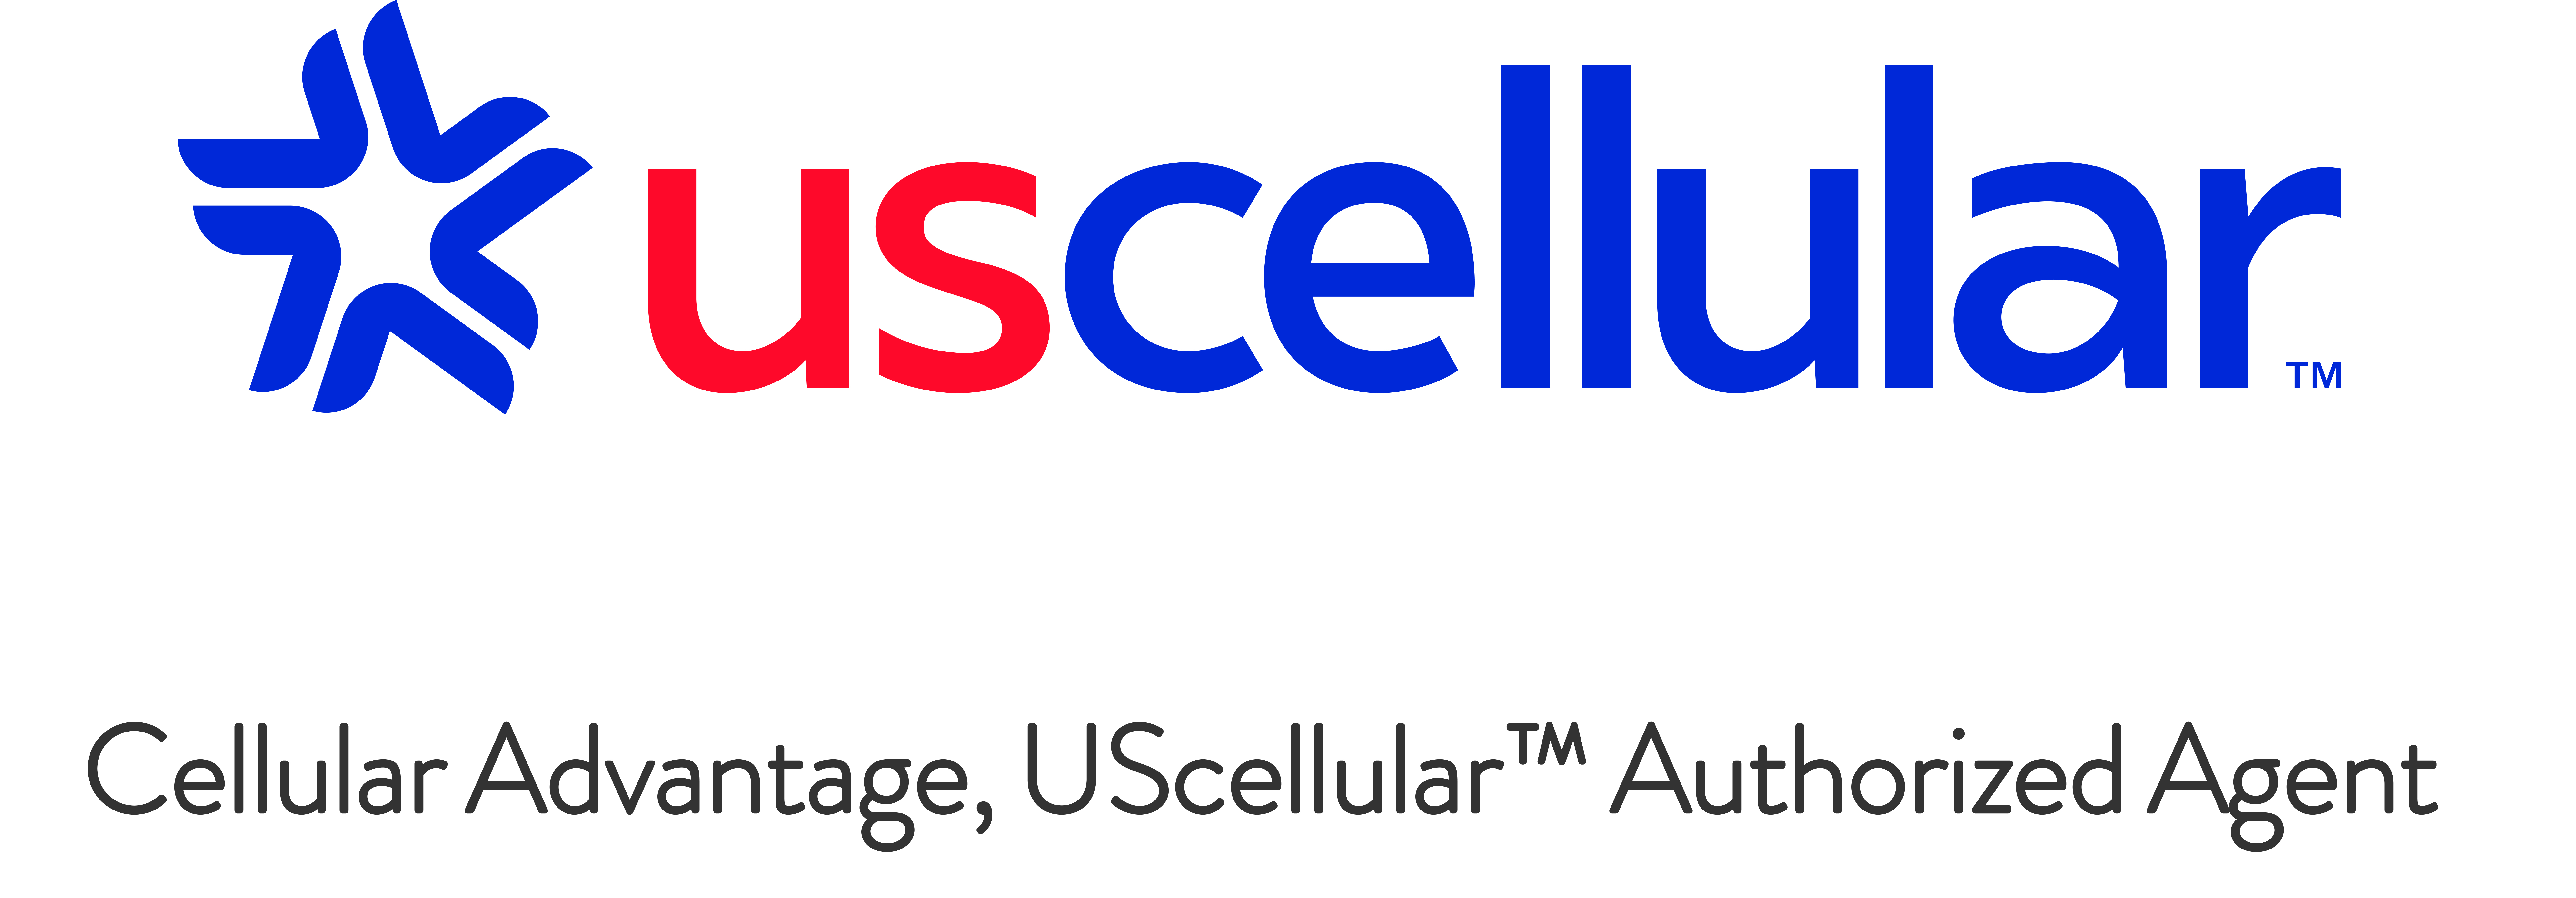 Cellular Advantage